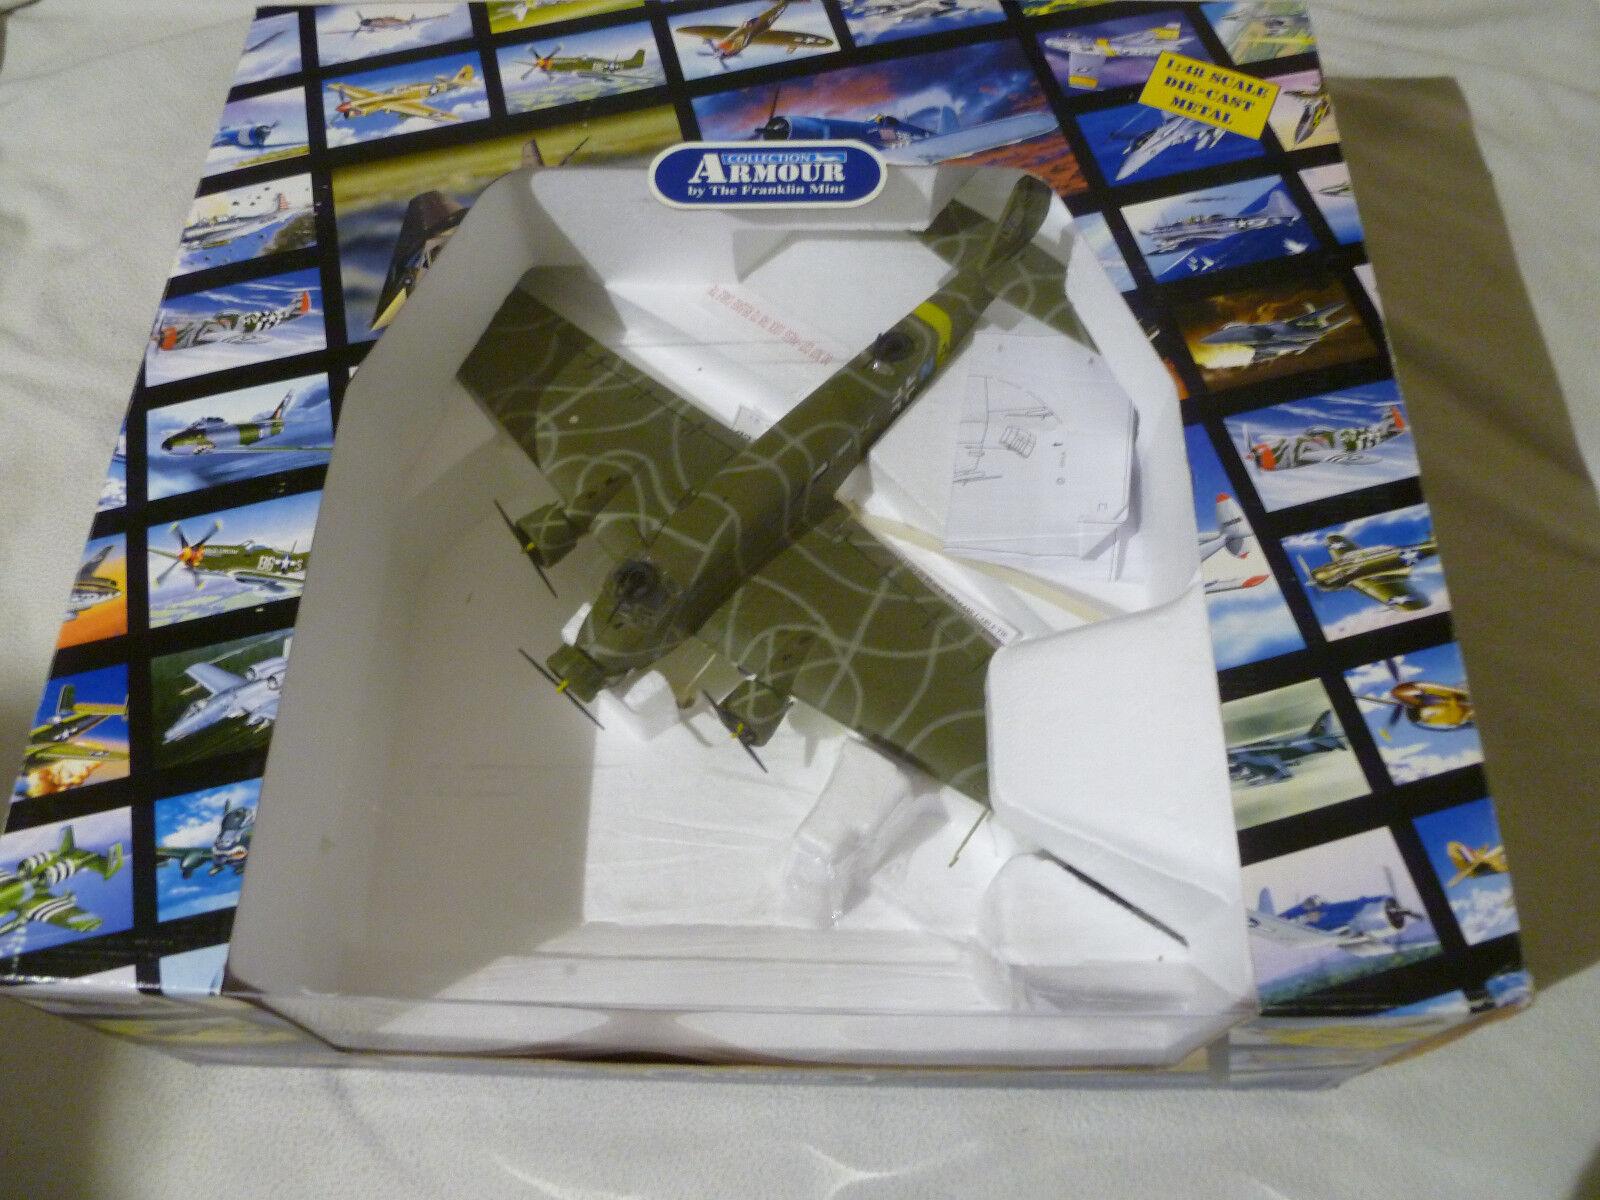 online al mejor precio En Caja Caja Caja Franklin Mint Avión Colección armadura 1 48 alemán JU-52 Luftwaffe Junkers  Todo en alta calidad y bajo precio.